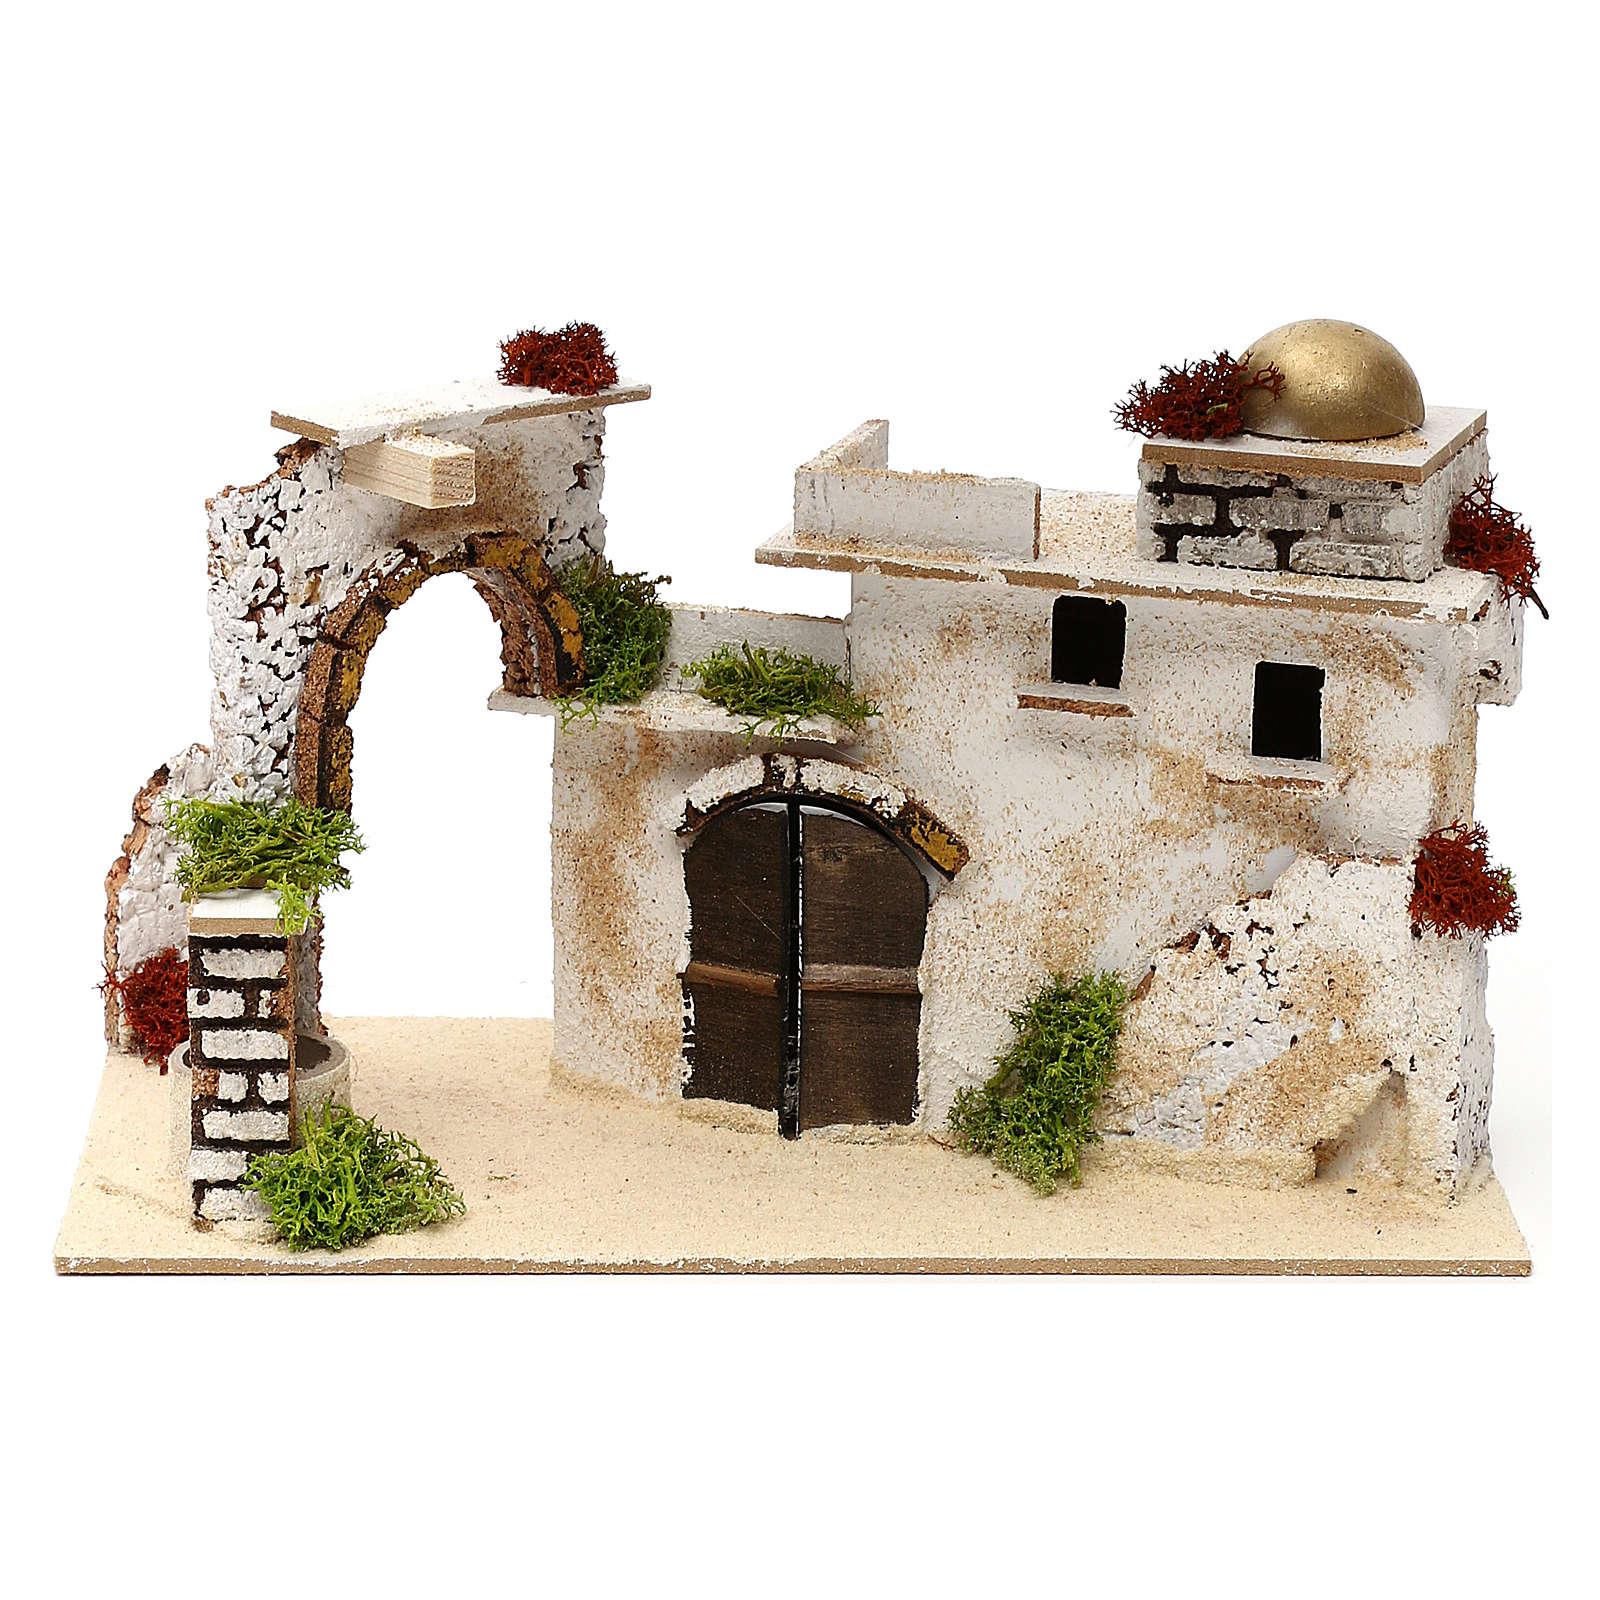 Maison arabe avec arche 20x30x15 cm 4